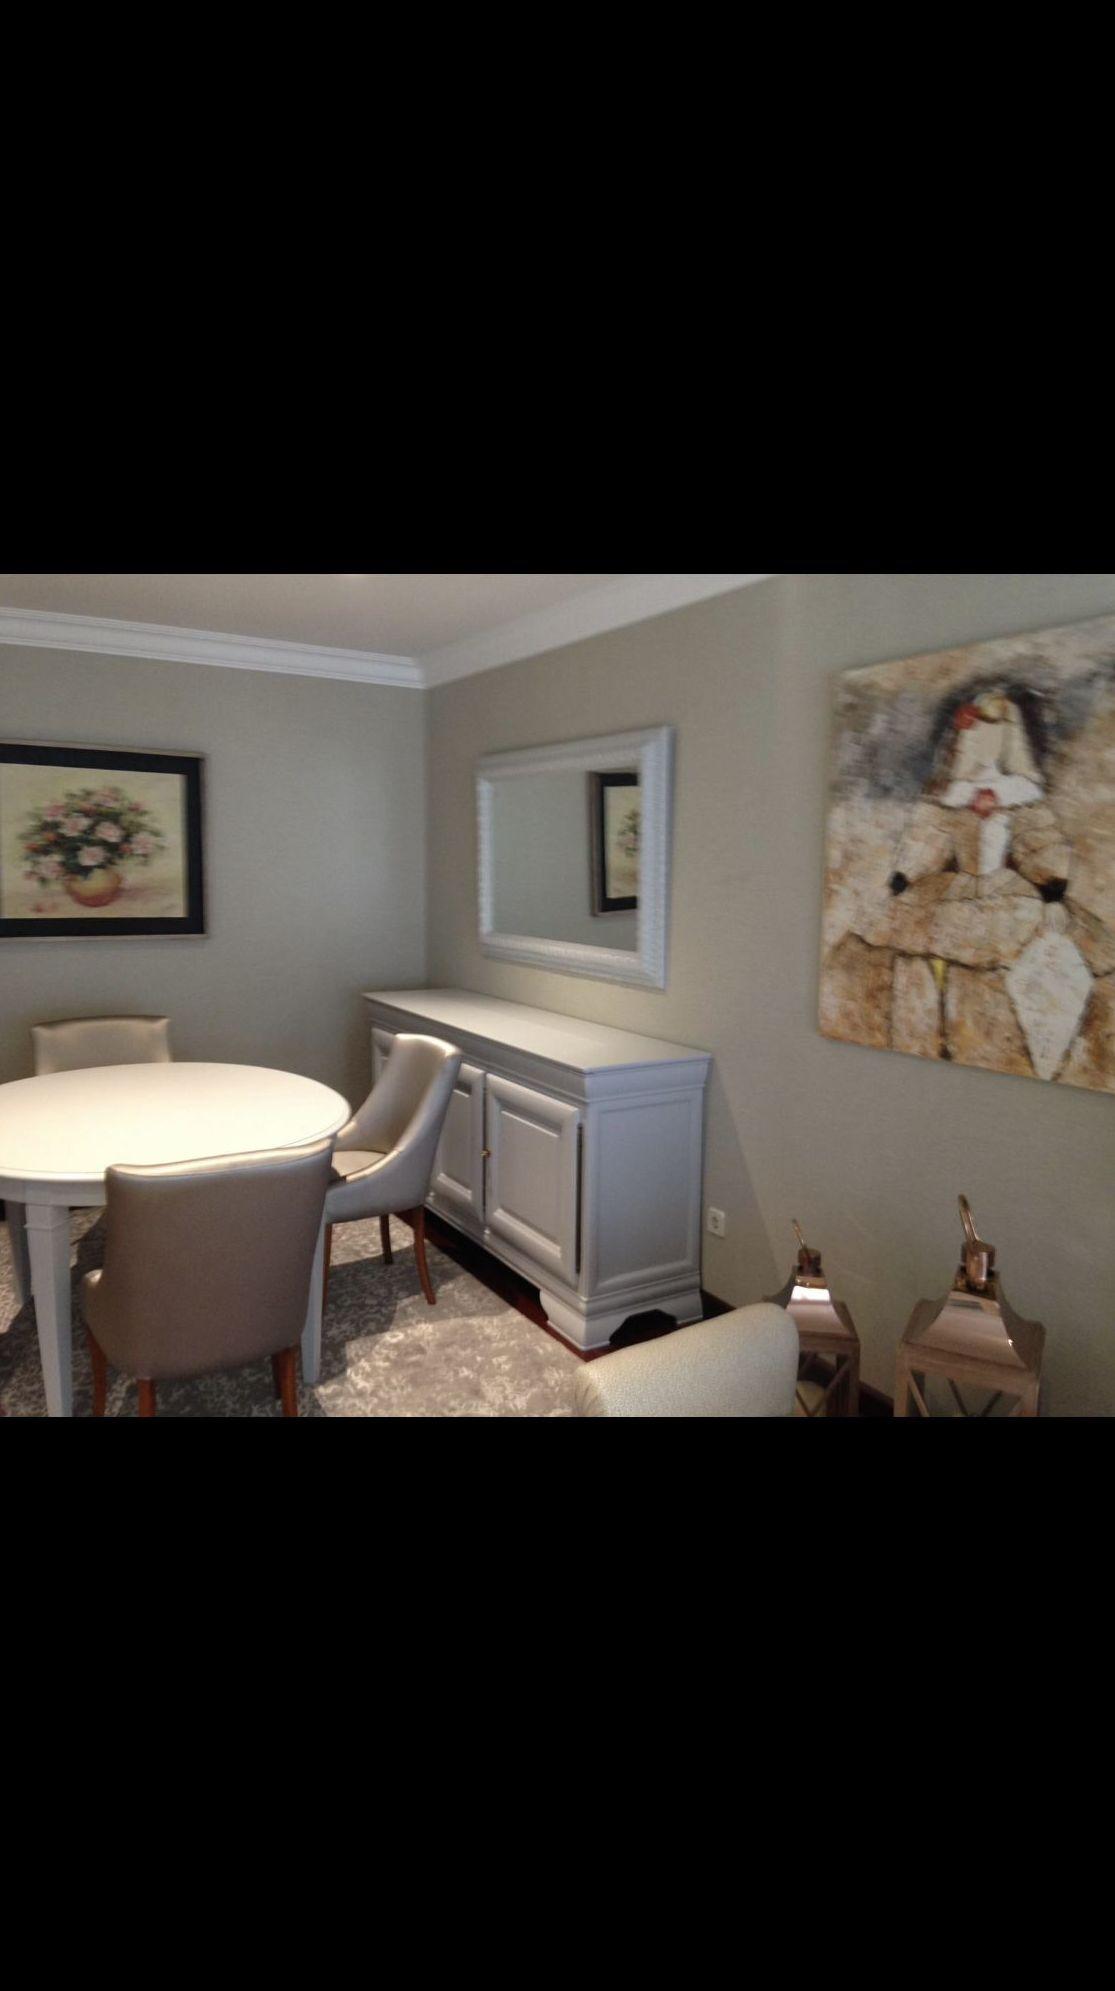 Restauración y lacado color gris claro, de aparador, mesa y Marco de espejo